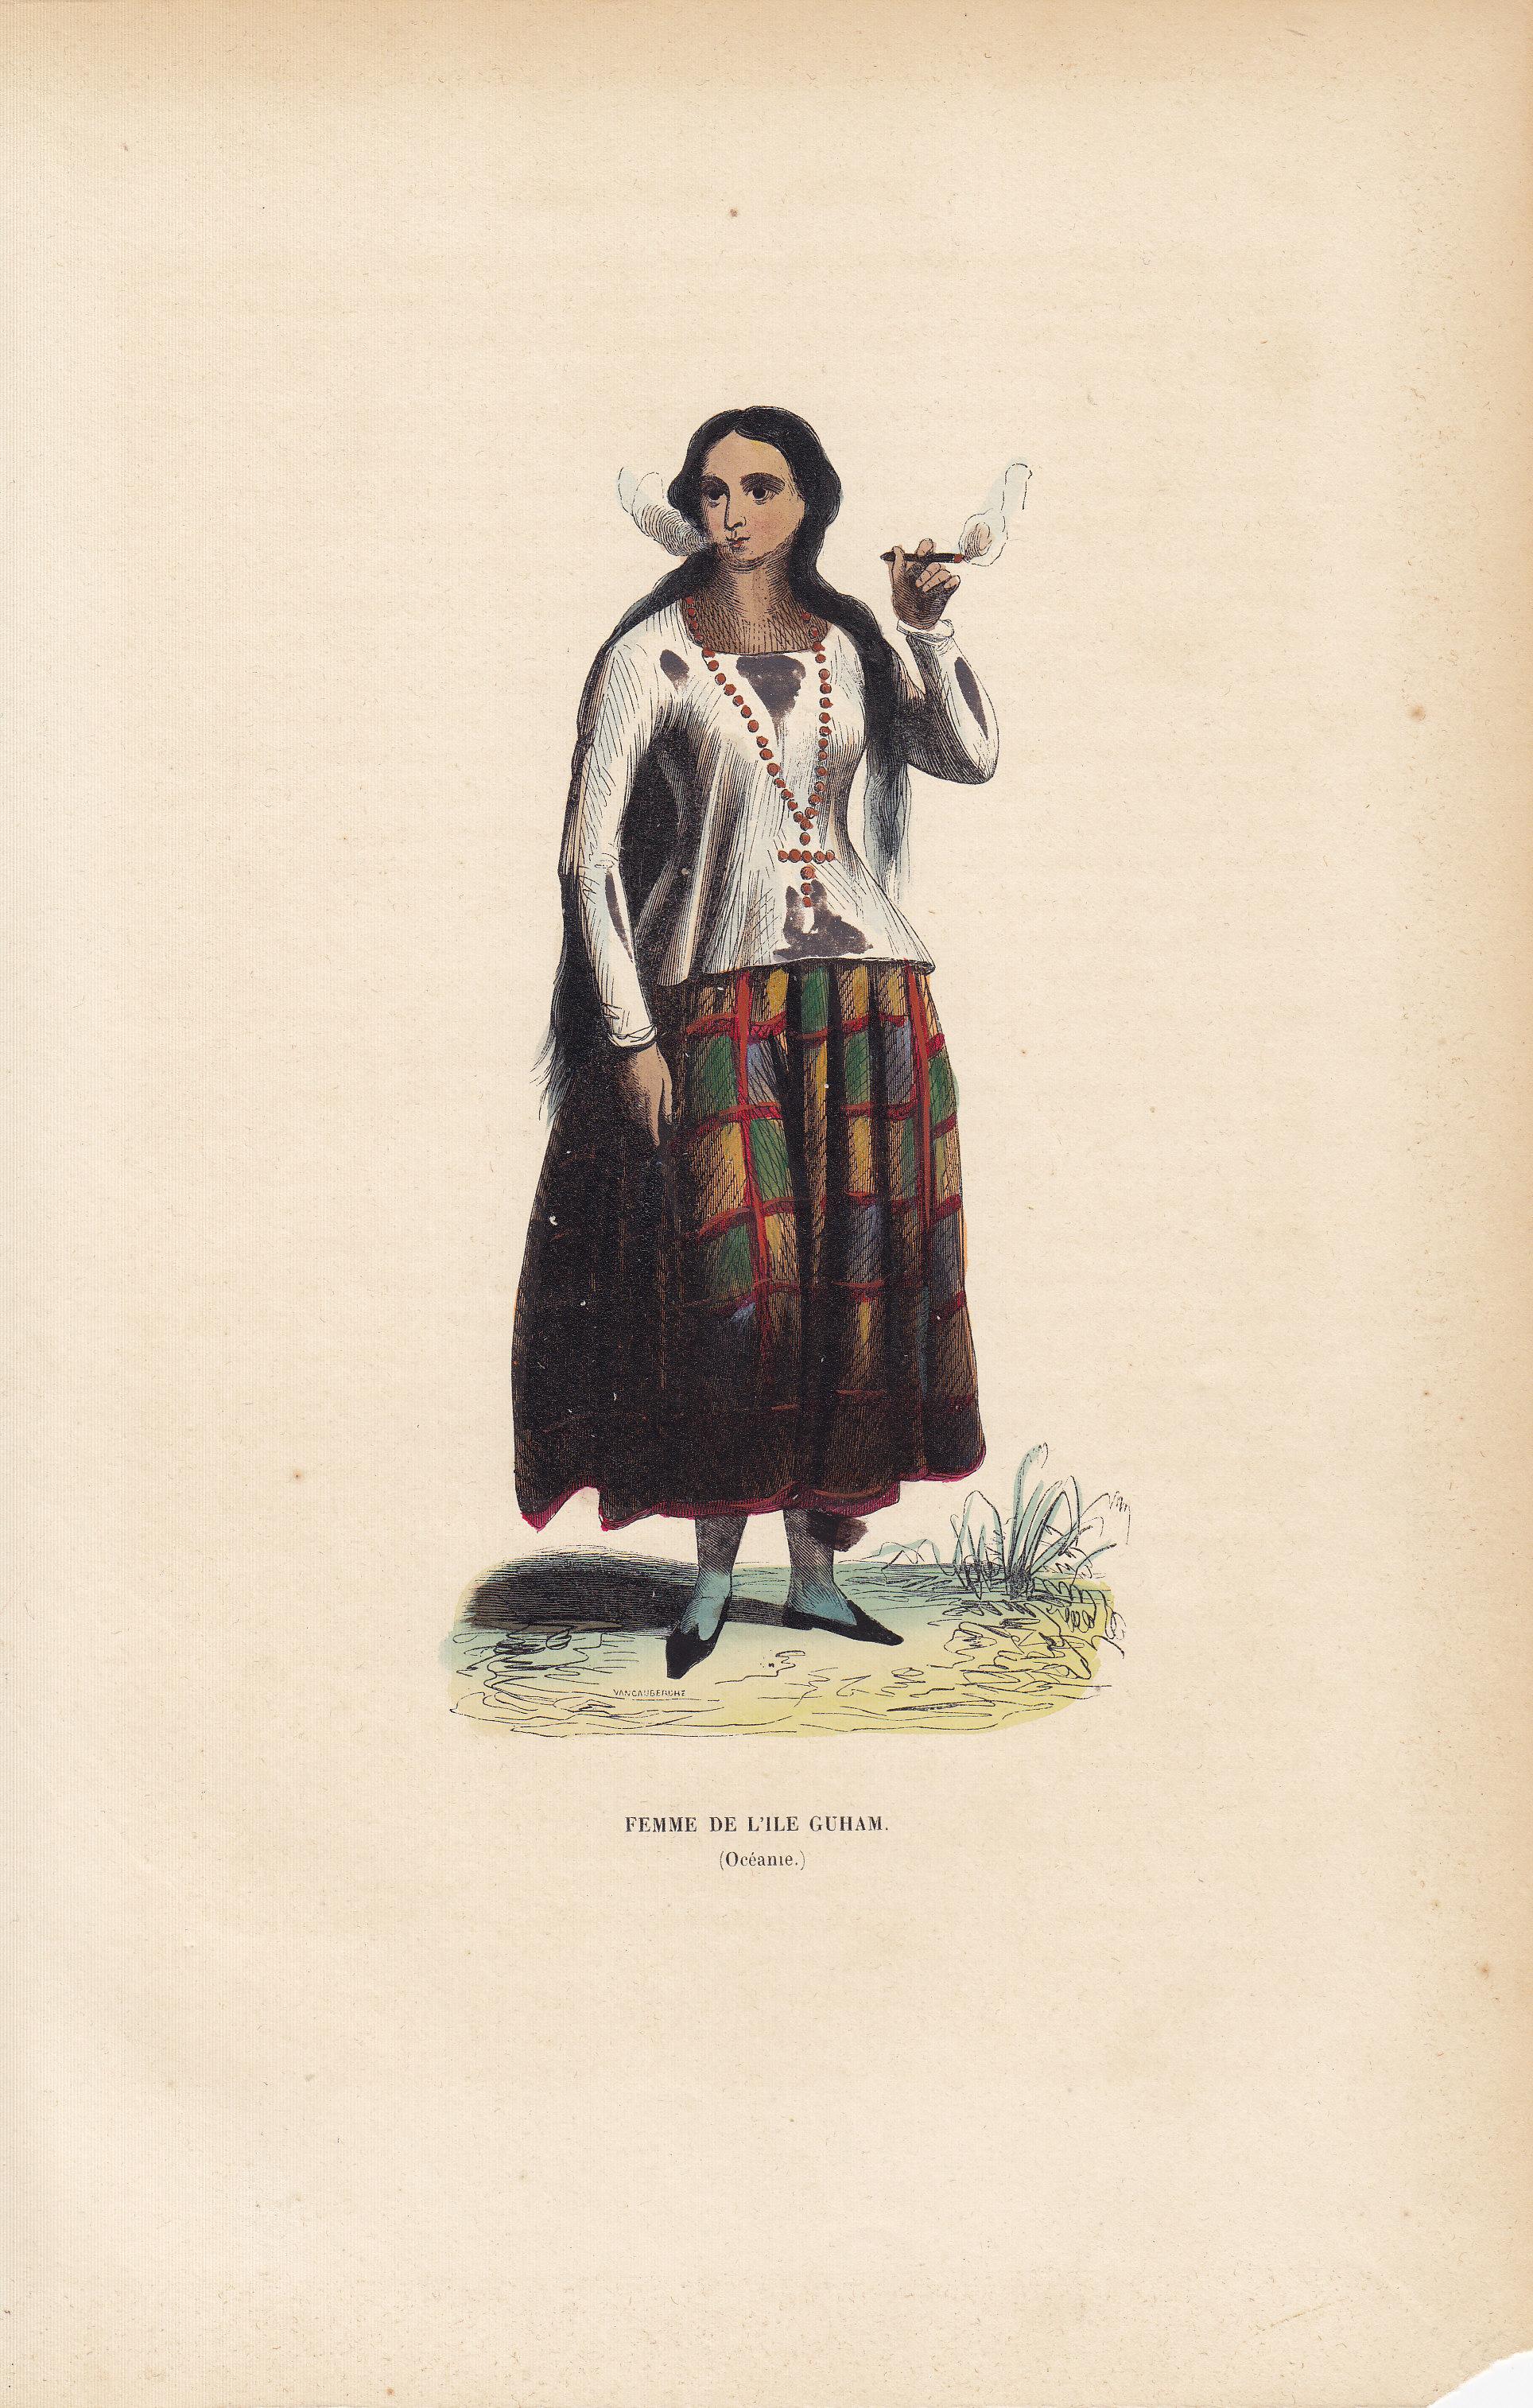 Femme De L'ile Guham